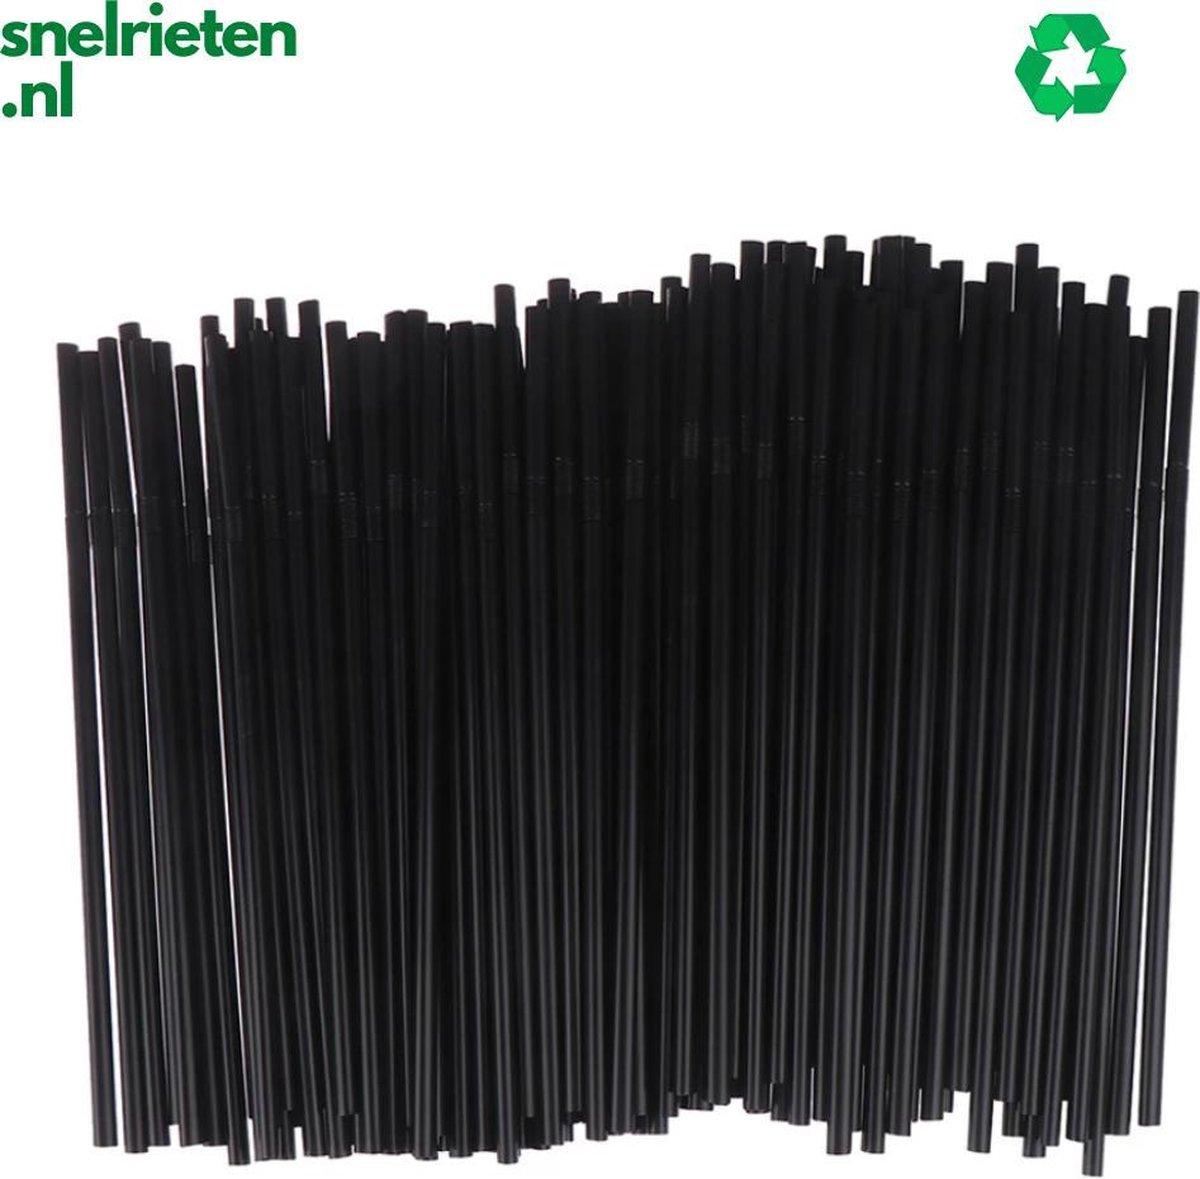 Buigbare plastic wegwerp rietjes   100 stuks  zwart  biologisch afbreekbaar